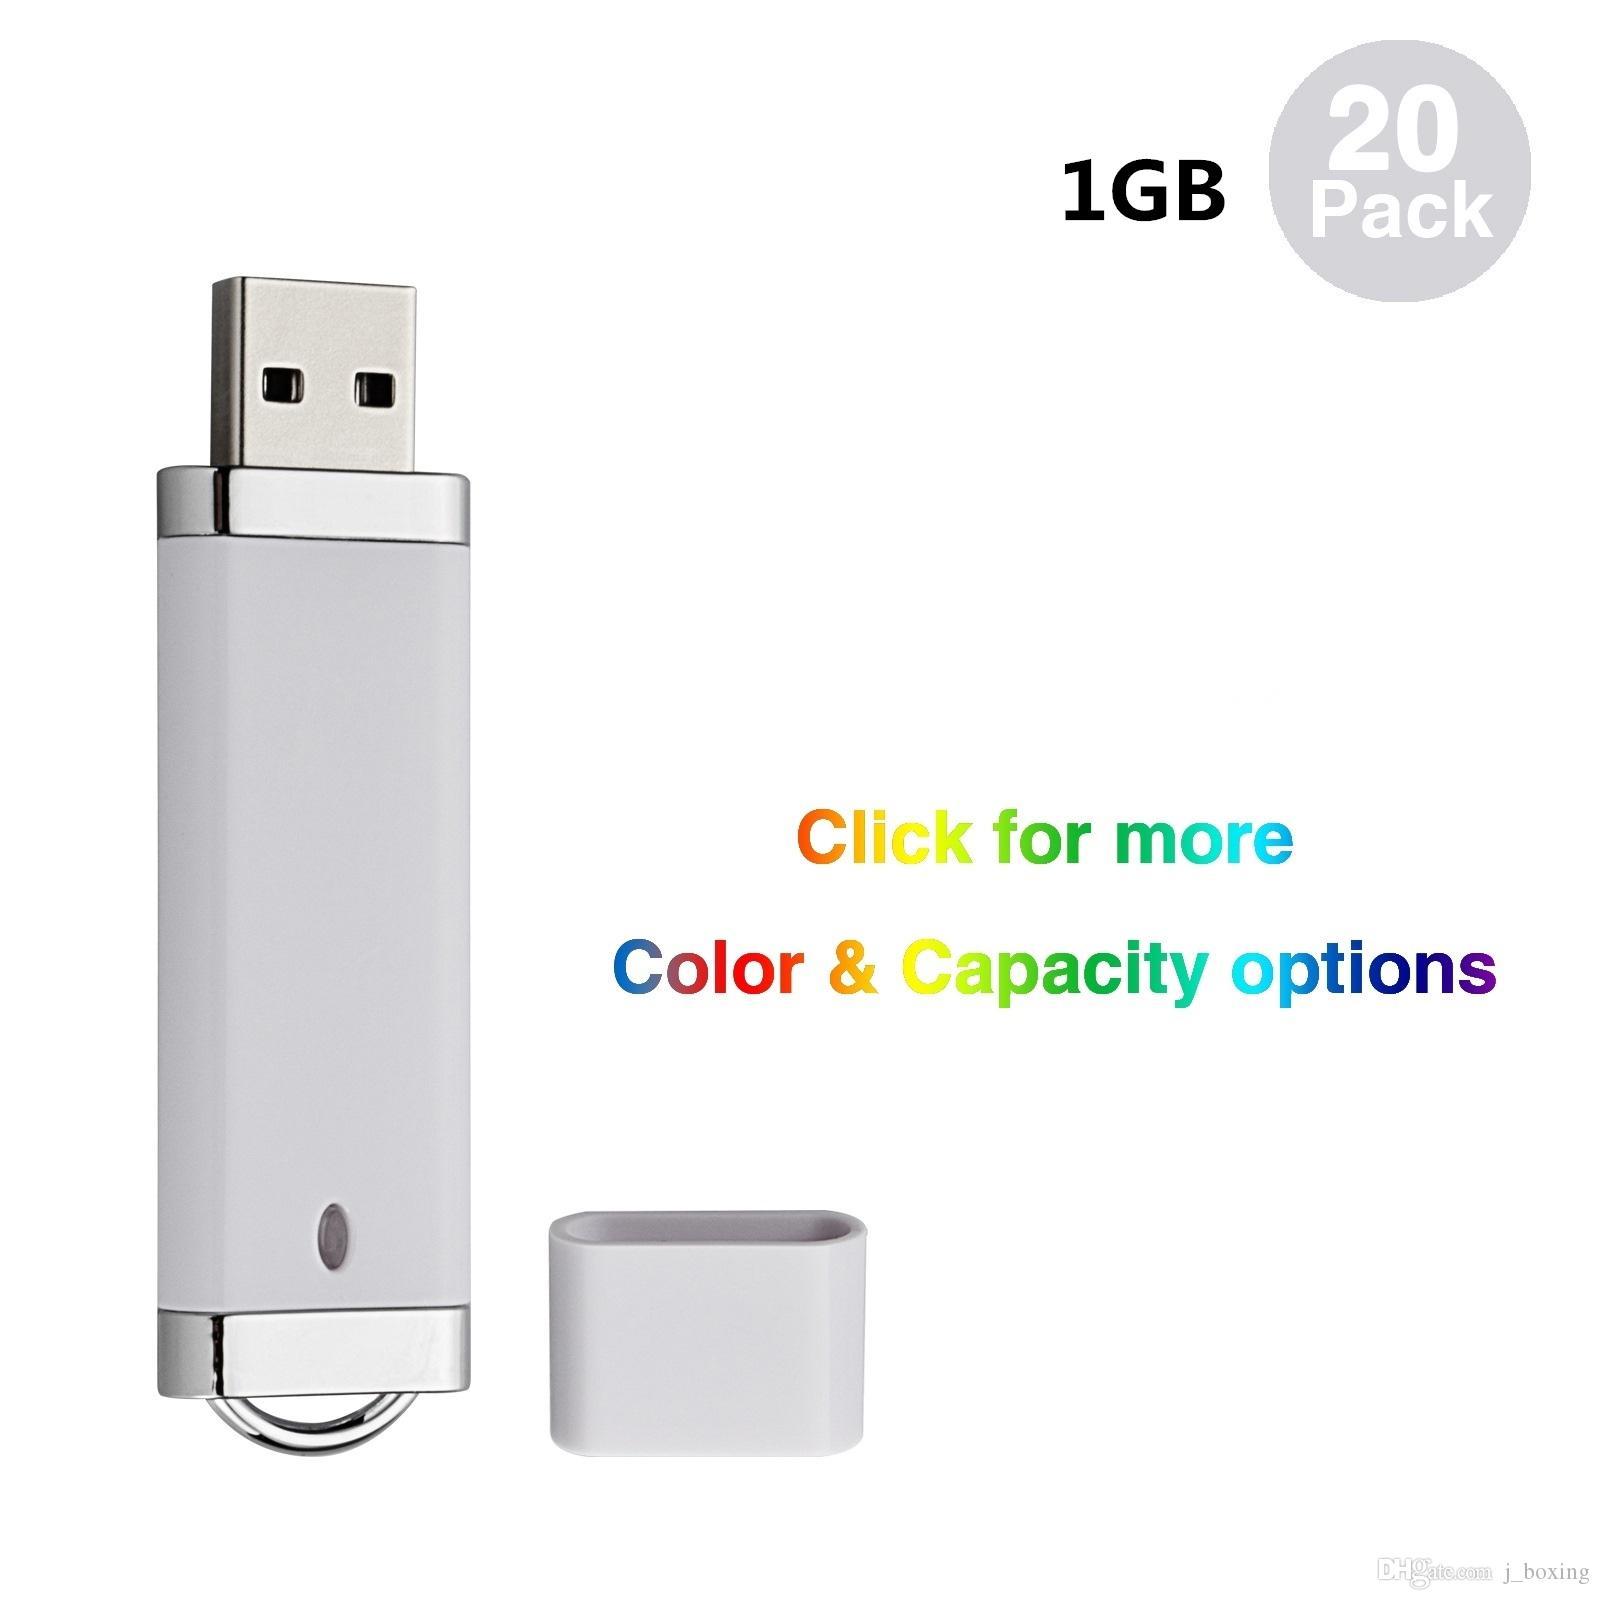 20 팩 화이트 라이터 모델 64메가바이트-32 기가 바이트 USB 2.0 플래시 컴퓨터 노트북 엄지 저장 LED 표시를위한 플래시 펜 드라이브 메모리 스틱 드라이브